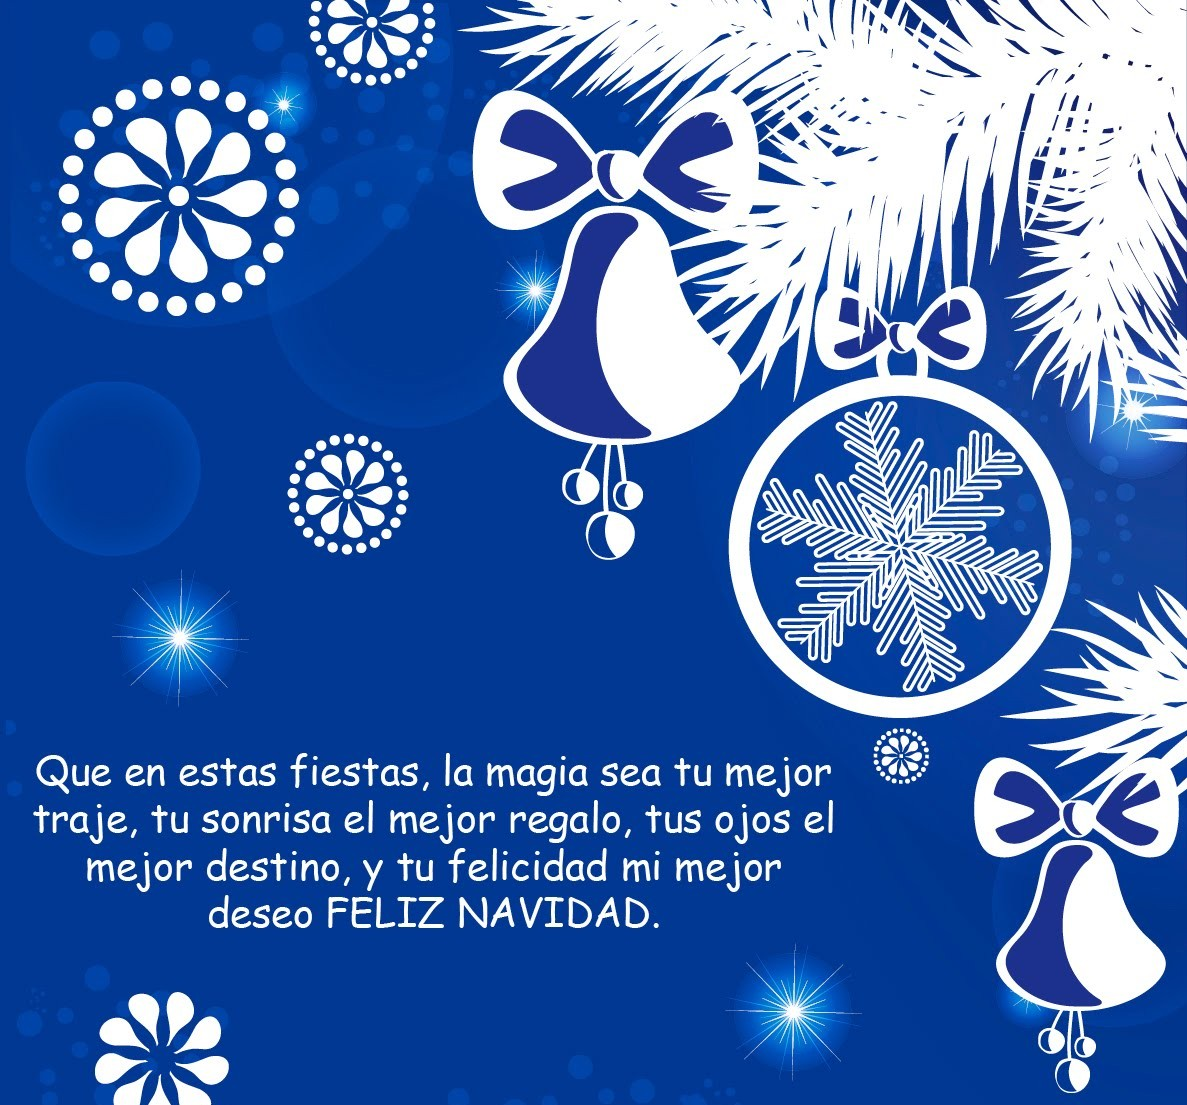 frases navide±as